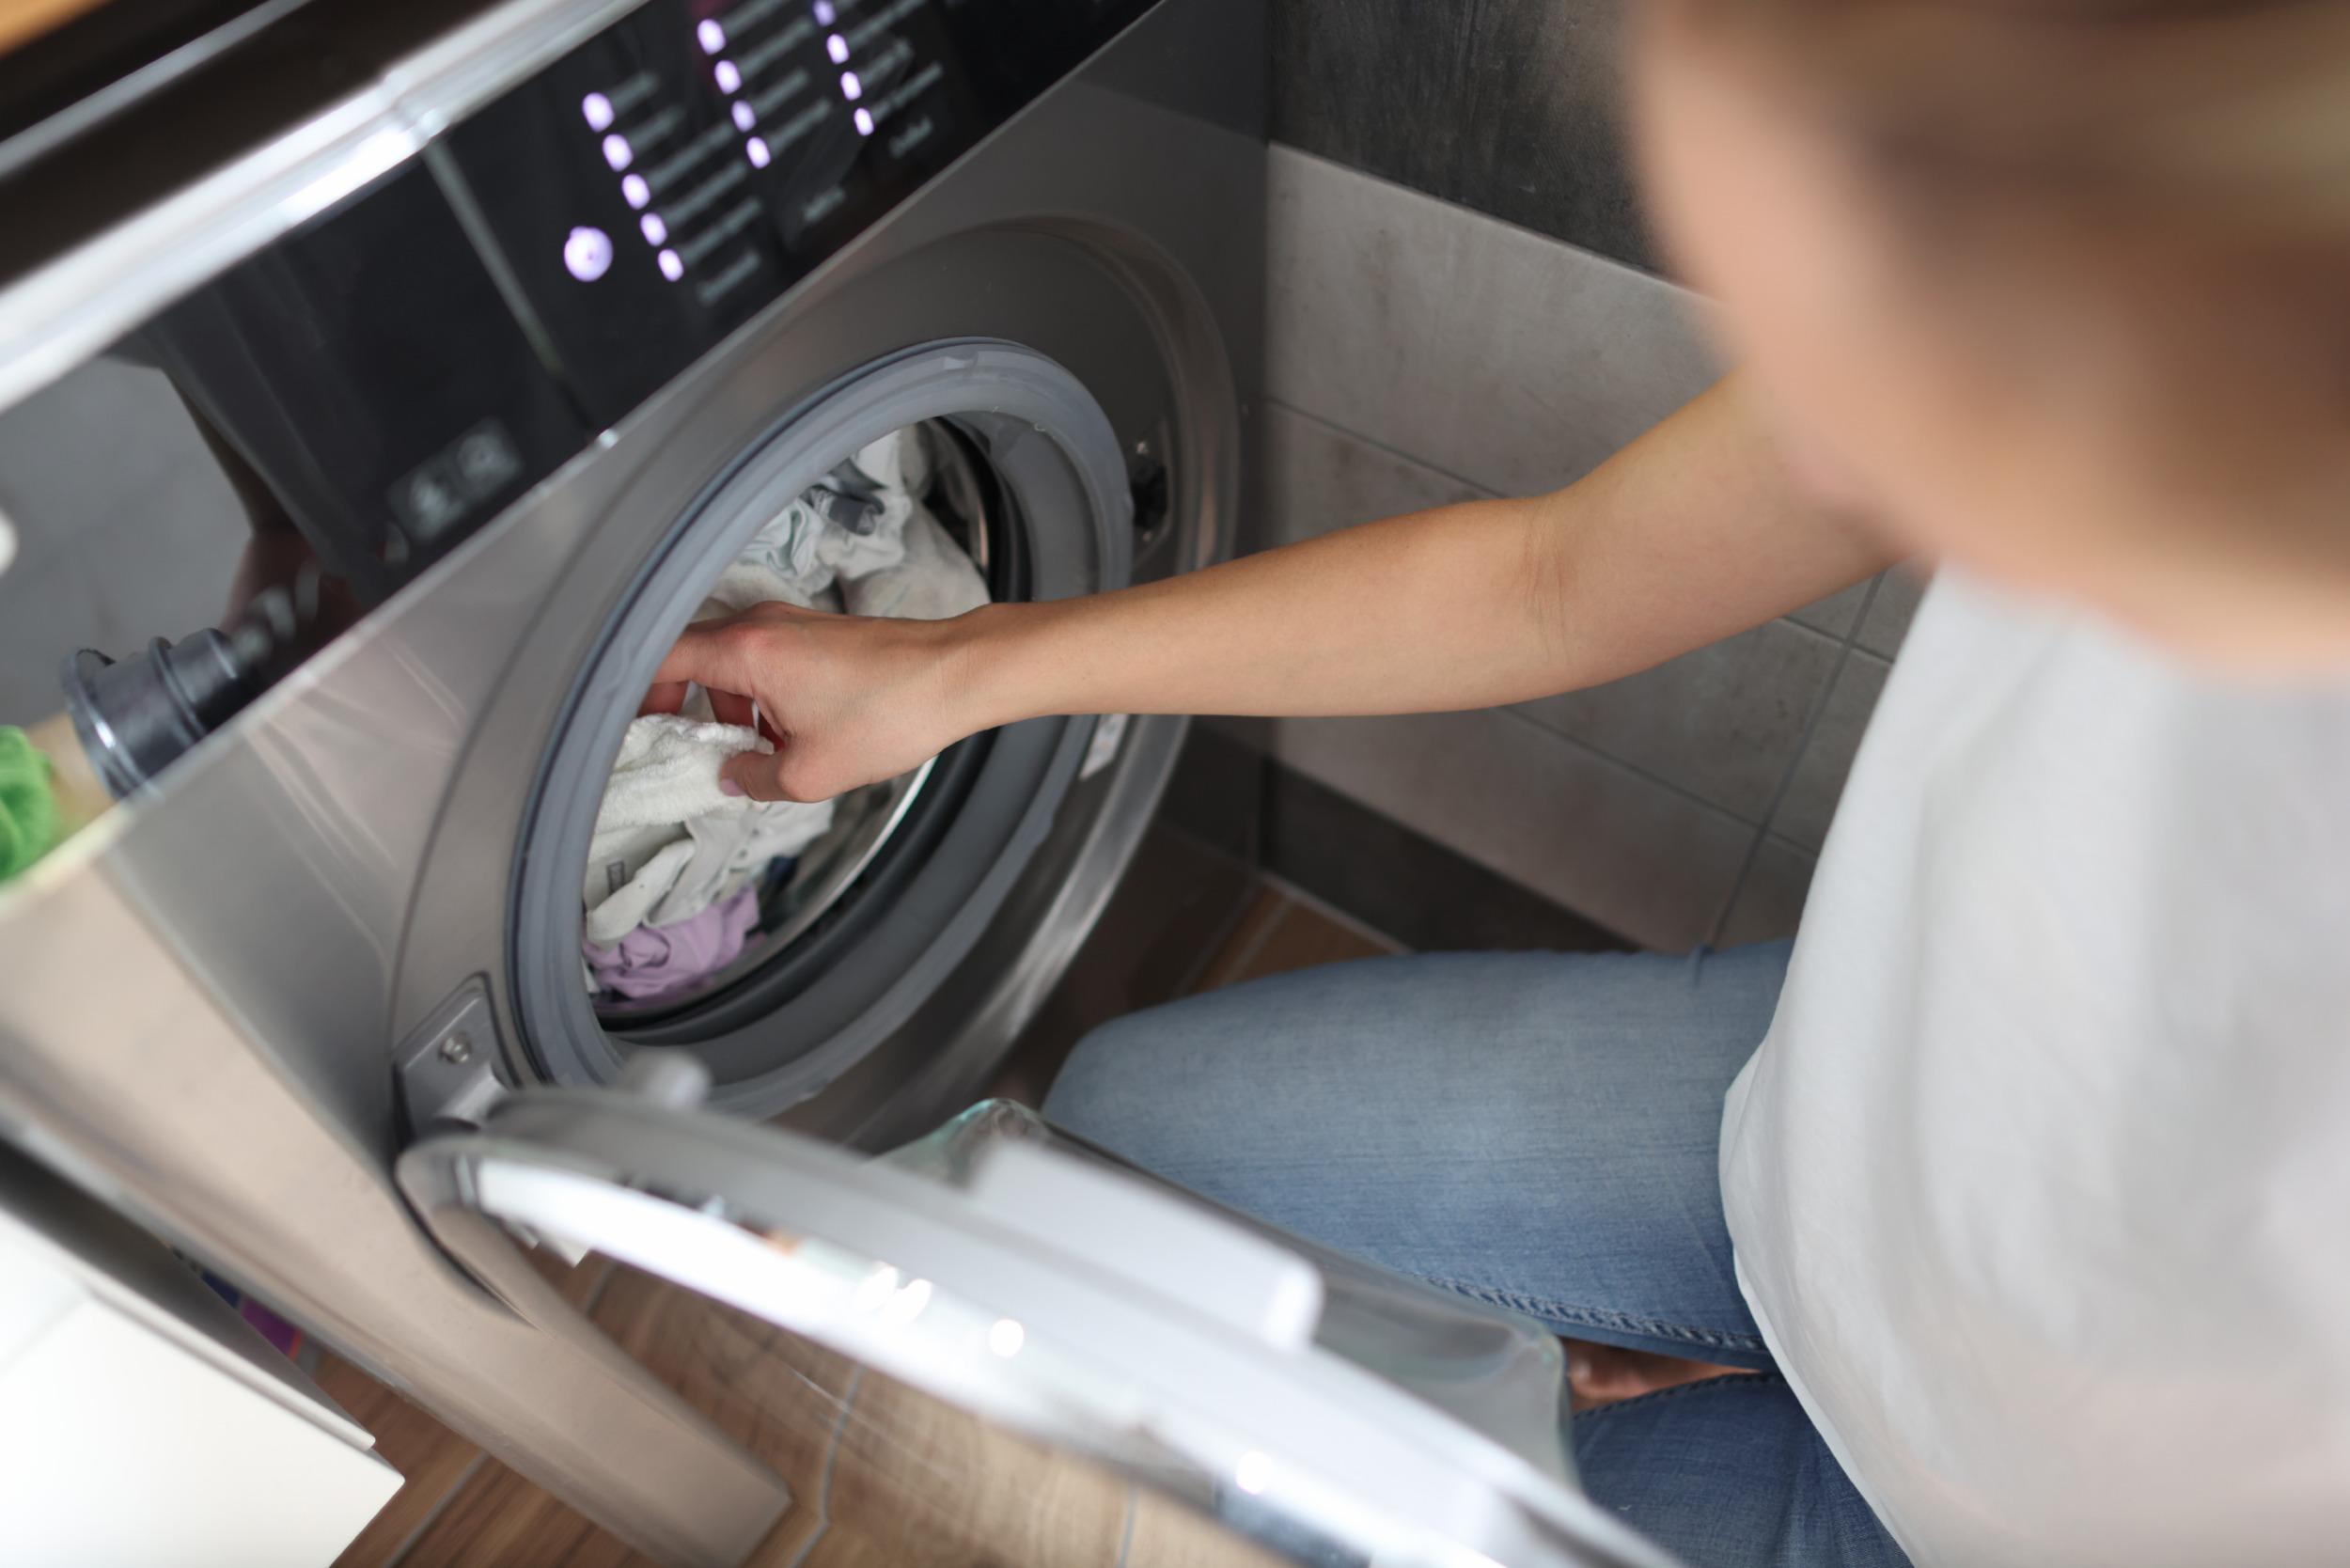 Vyplatí se pračka se sušičkou? [sponzorovaný článek]